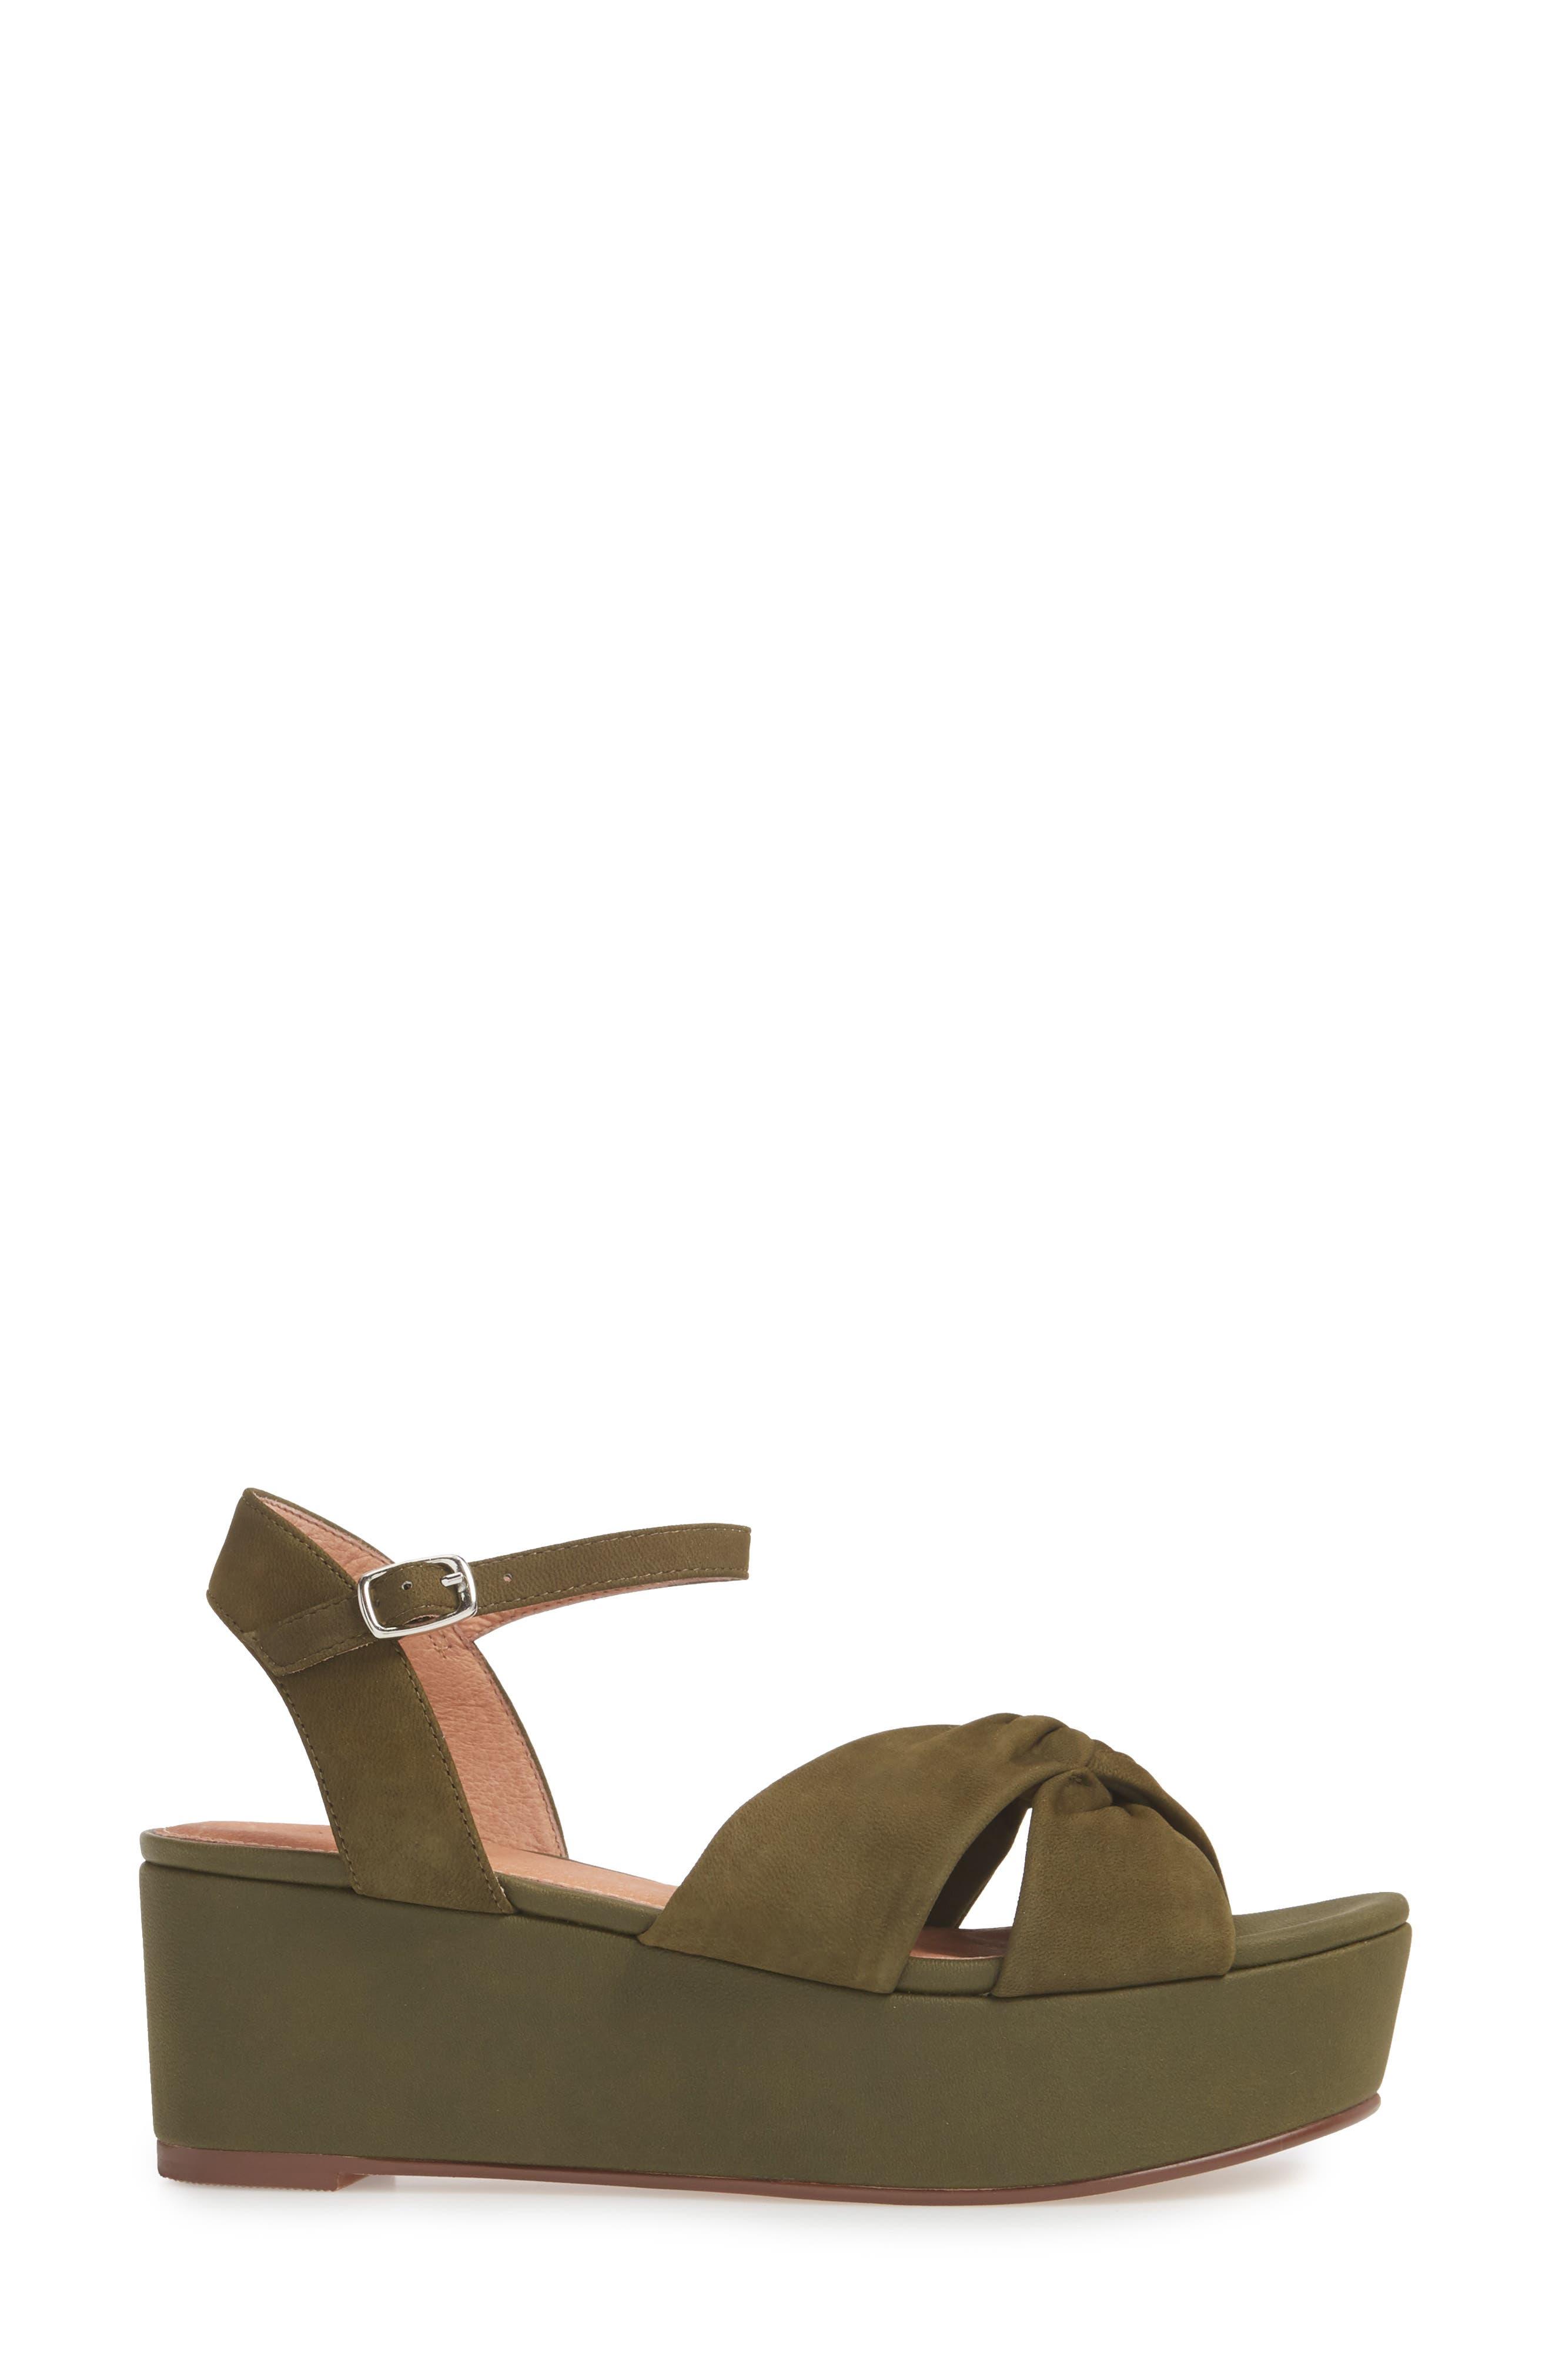 Ryder Platform Sandal,                             Alternate thumbnail 10, color,